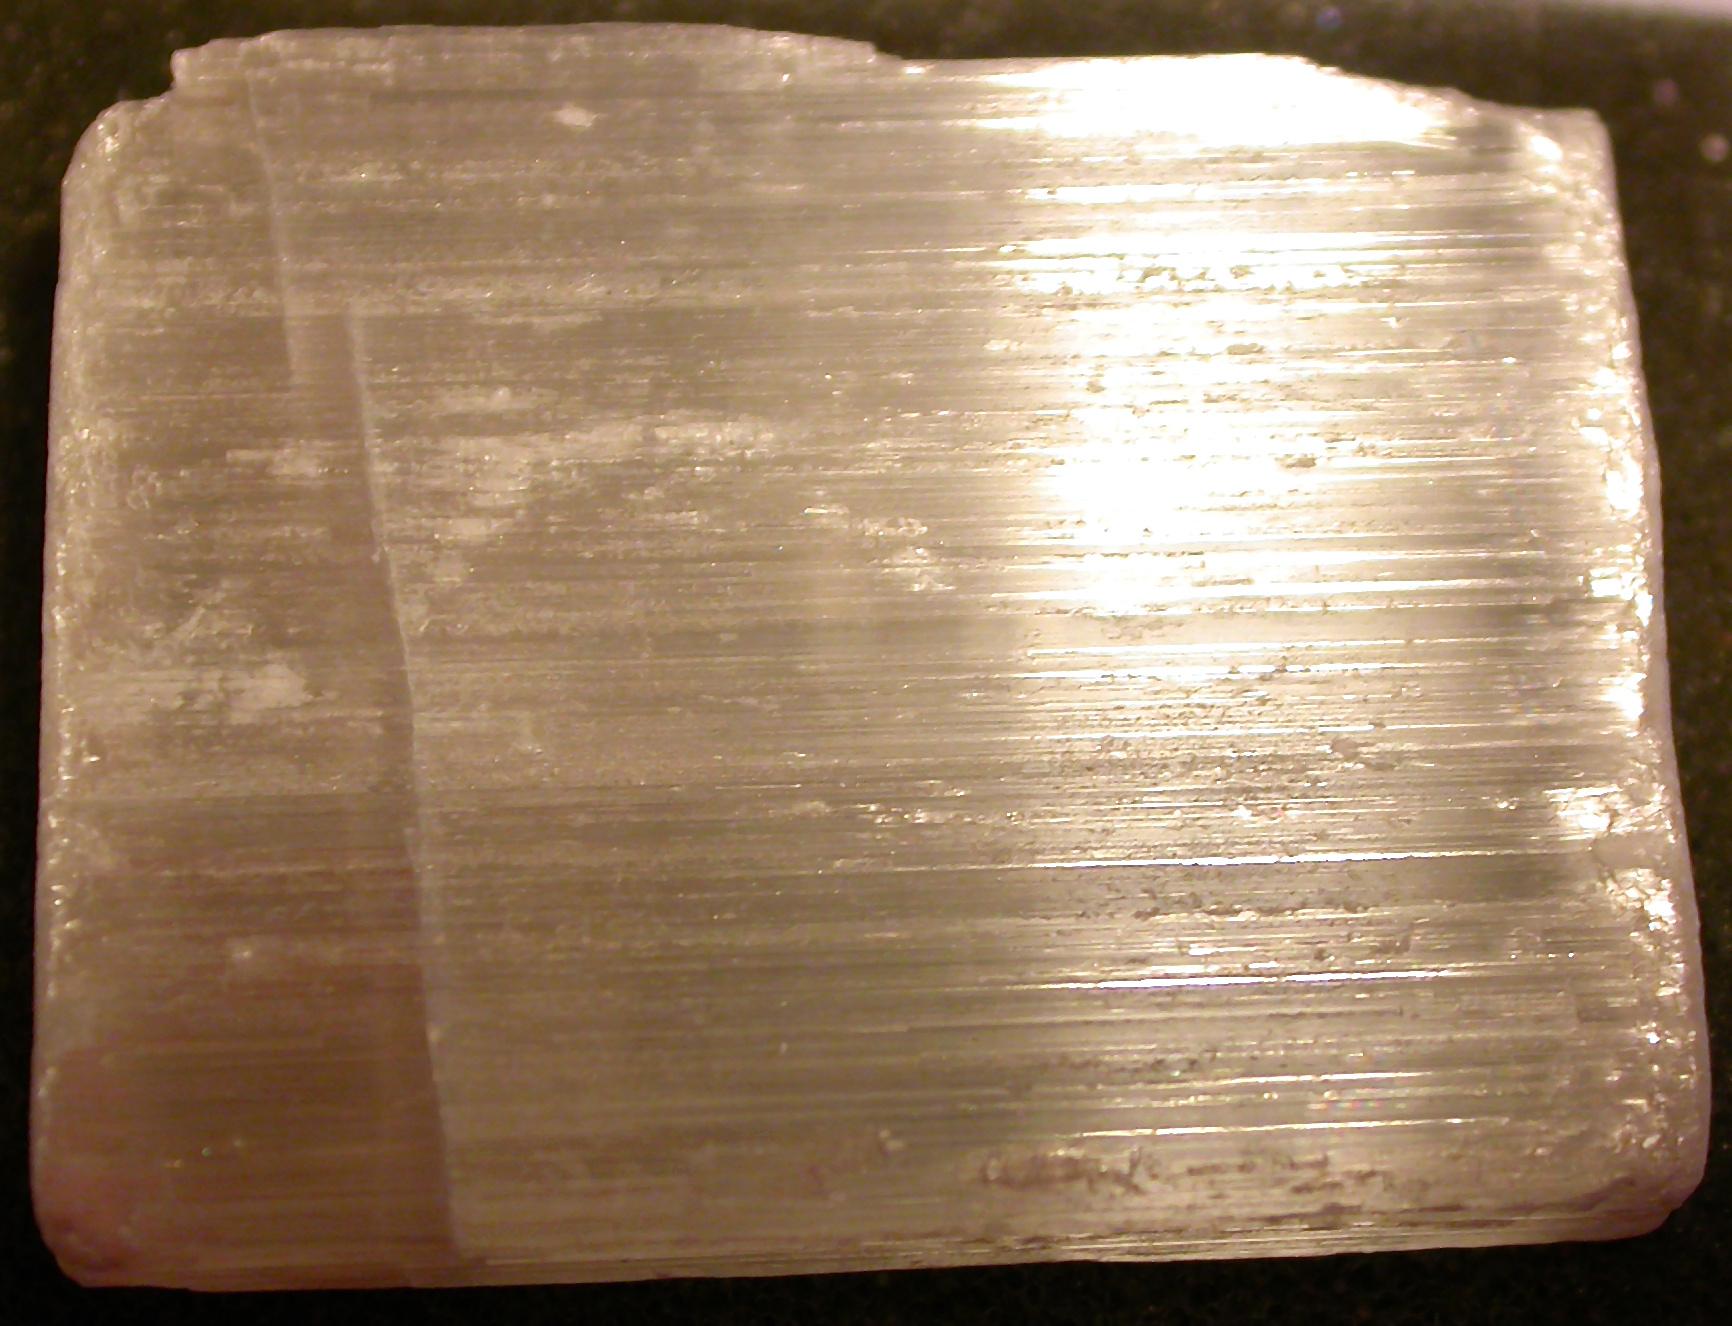 afb9a2ec729 Seleniit | Kristallikeskus